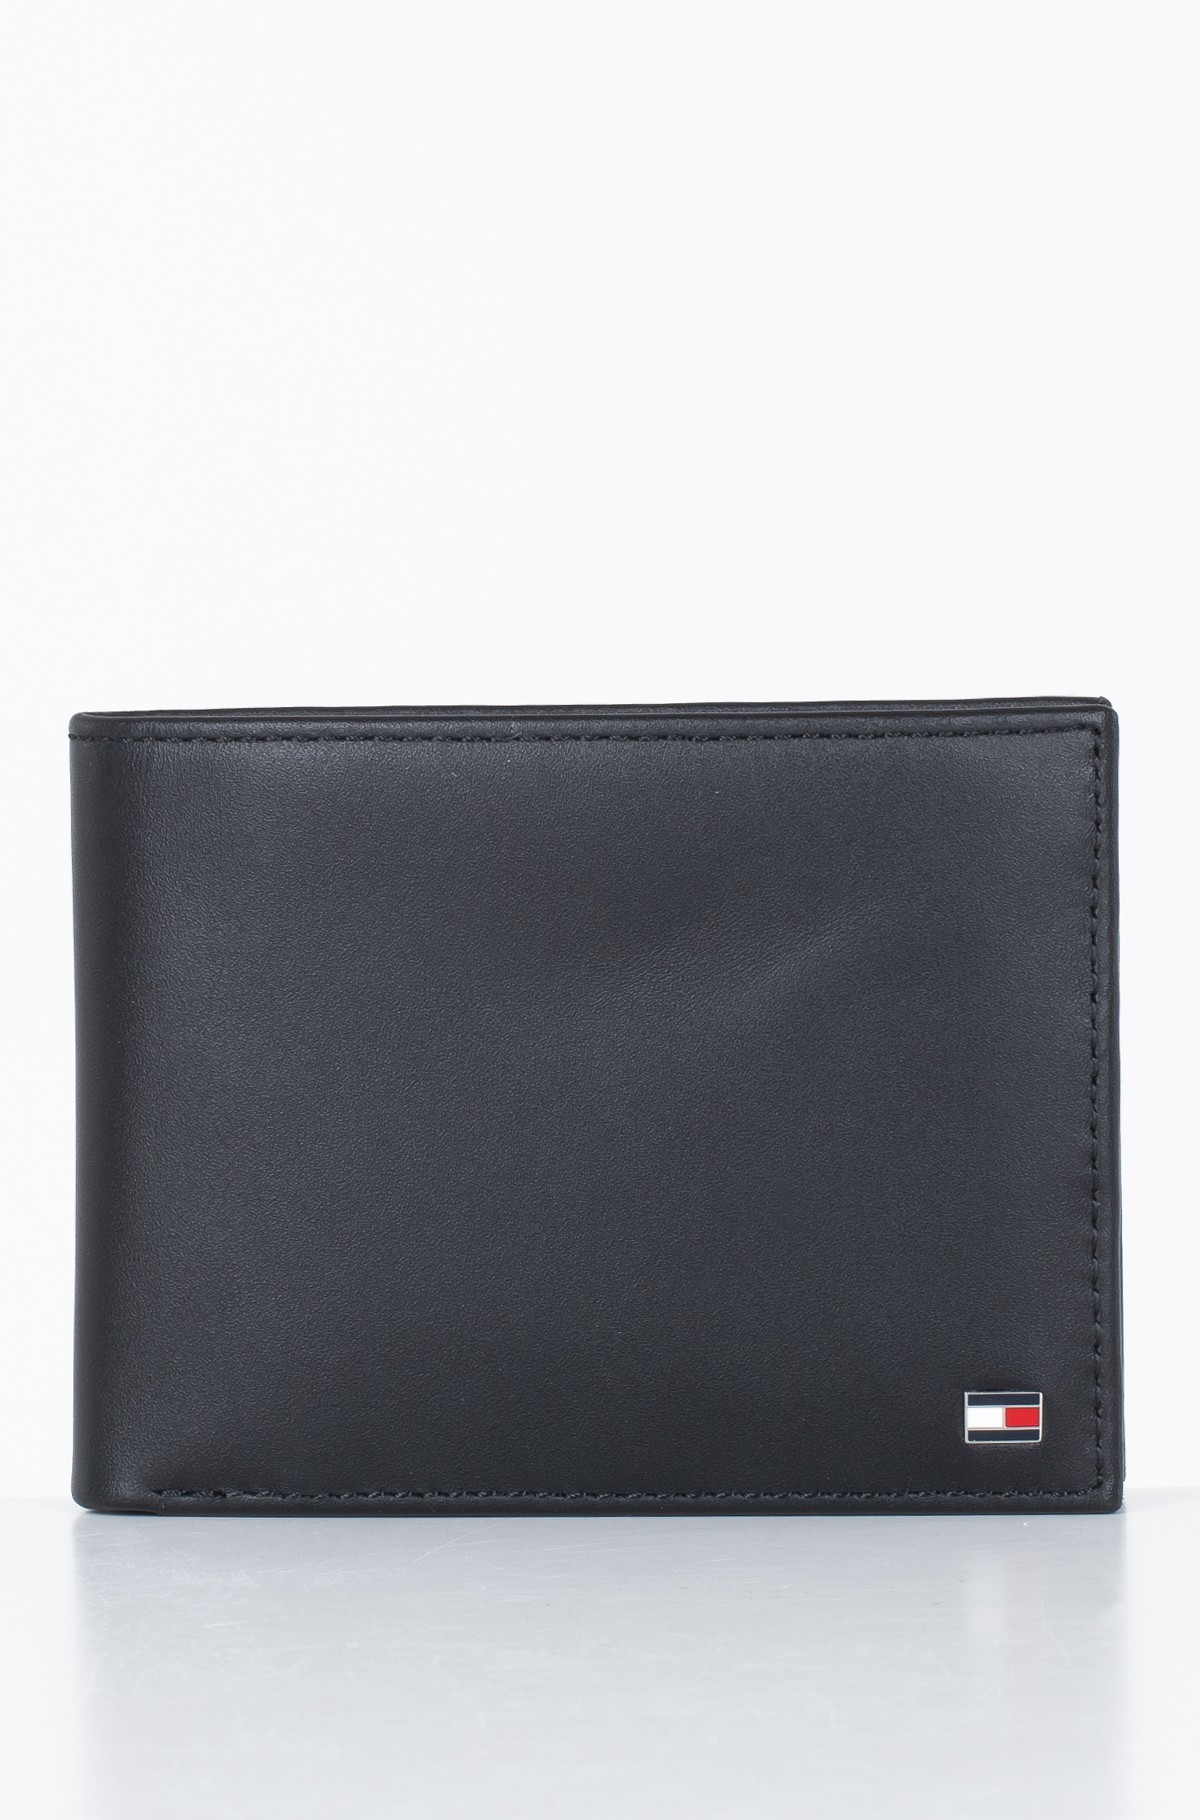 Piniginė ir žiedas raktams dovanų dėžutėje ETON CC AND COIN PCKT KEYFOB BOX-full-2